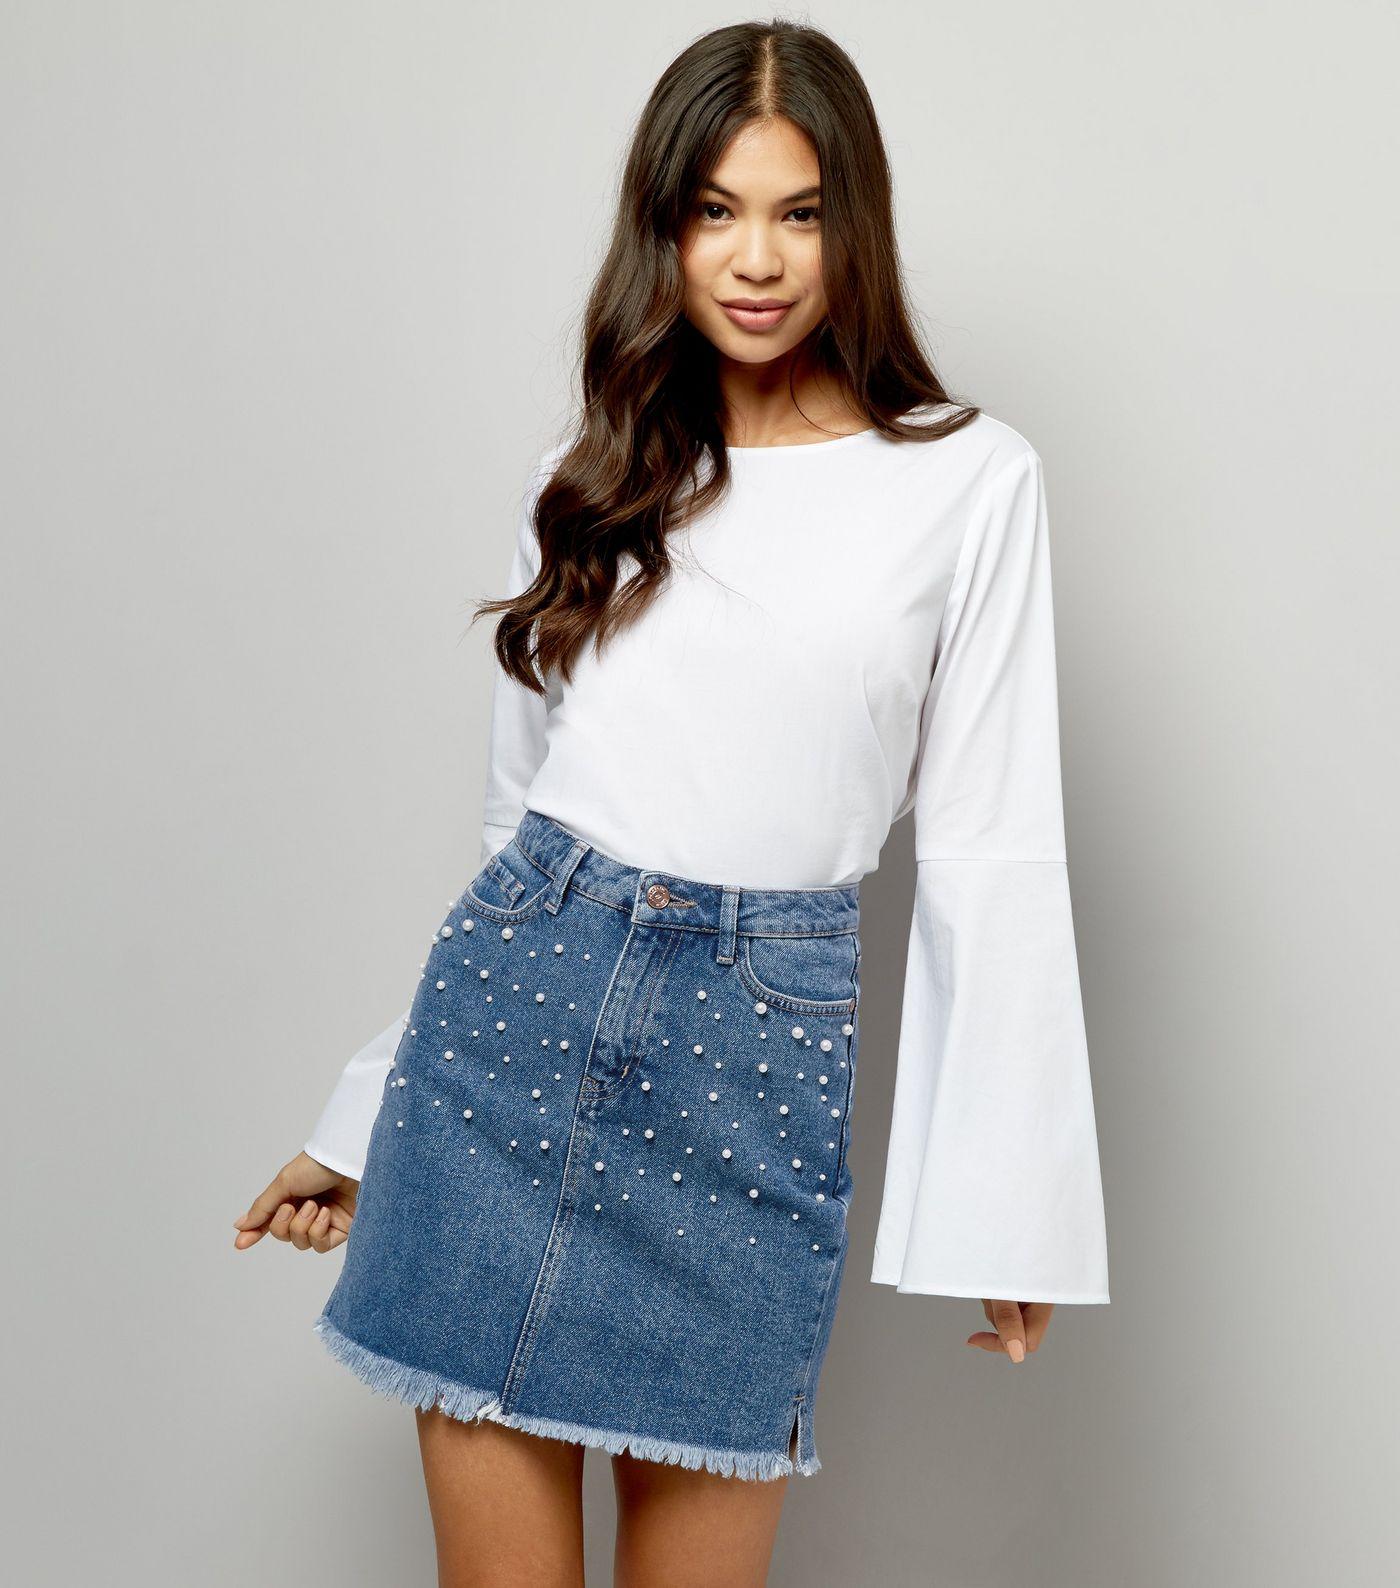 blue-pearl-embellished-denim-skirt